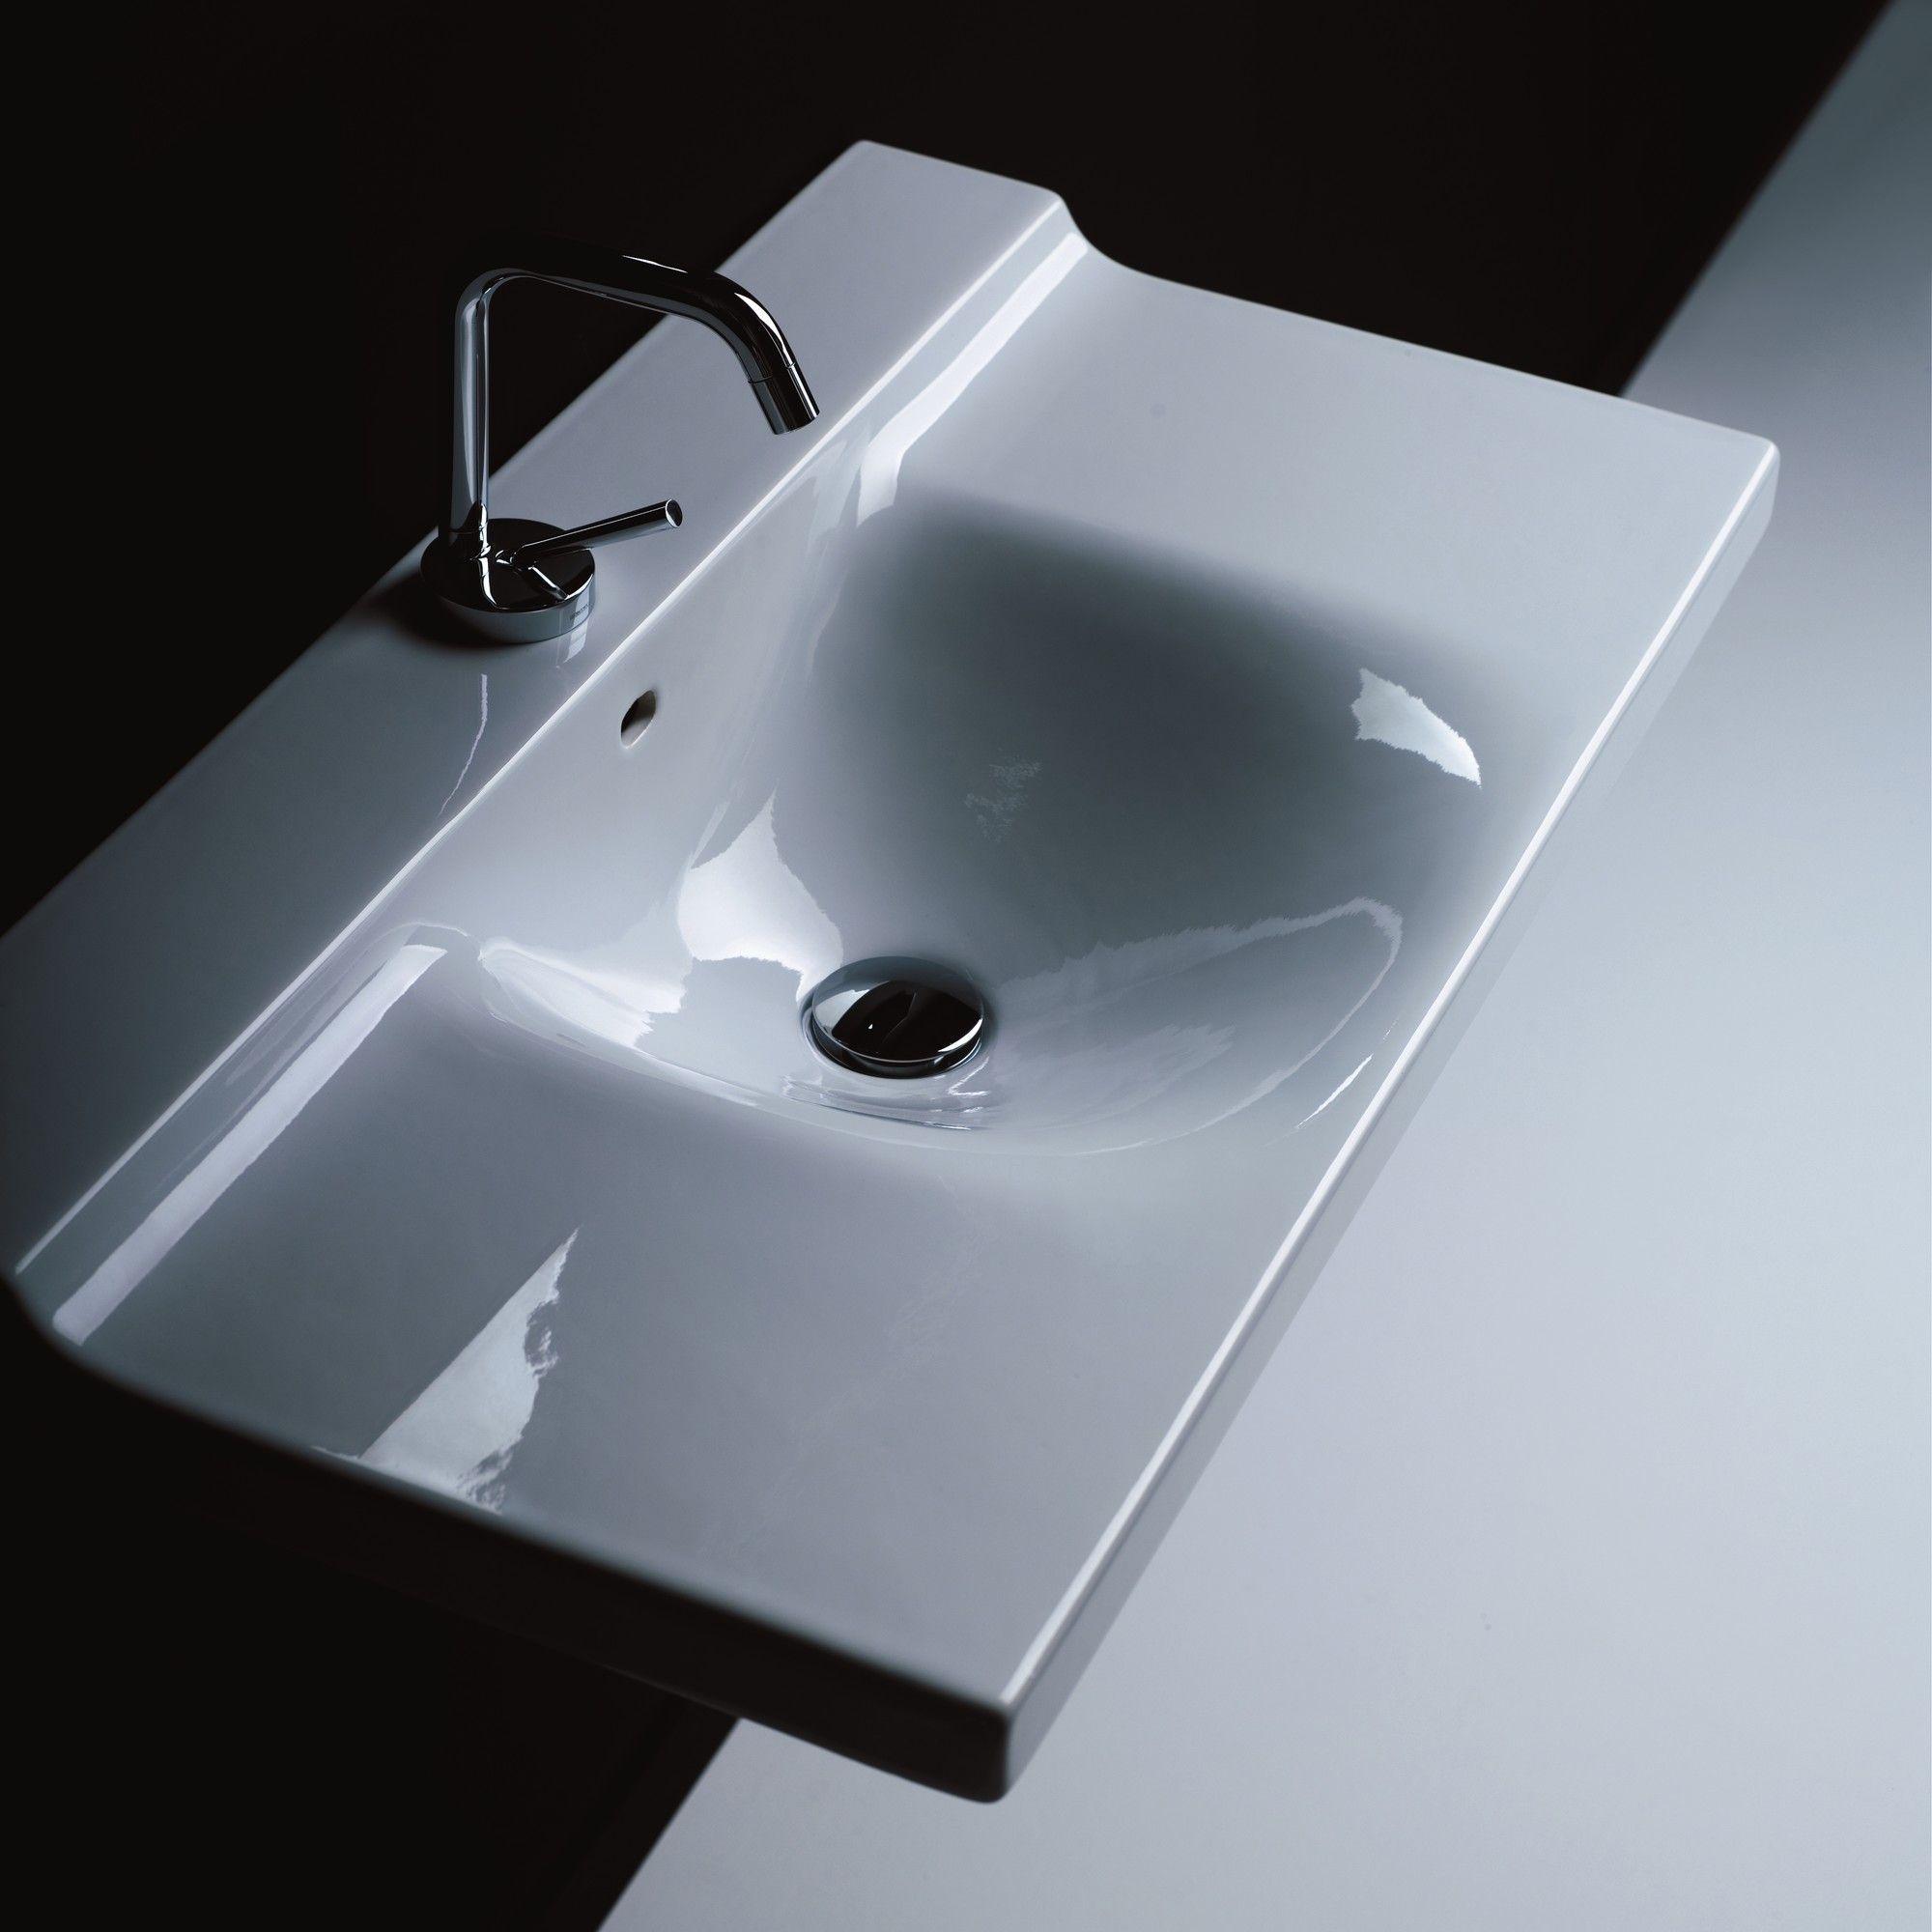 Buddy Ceramic Wall Mounted Bathroom Sink Wallmount